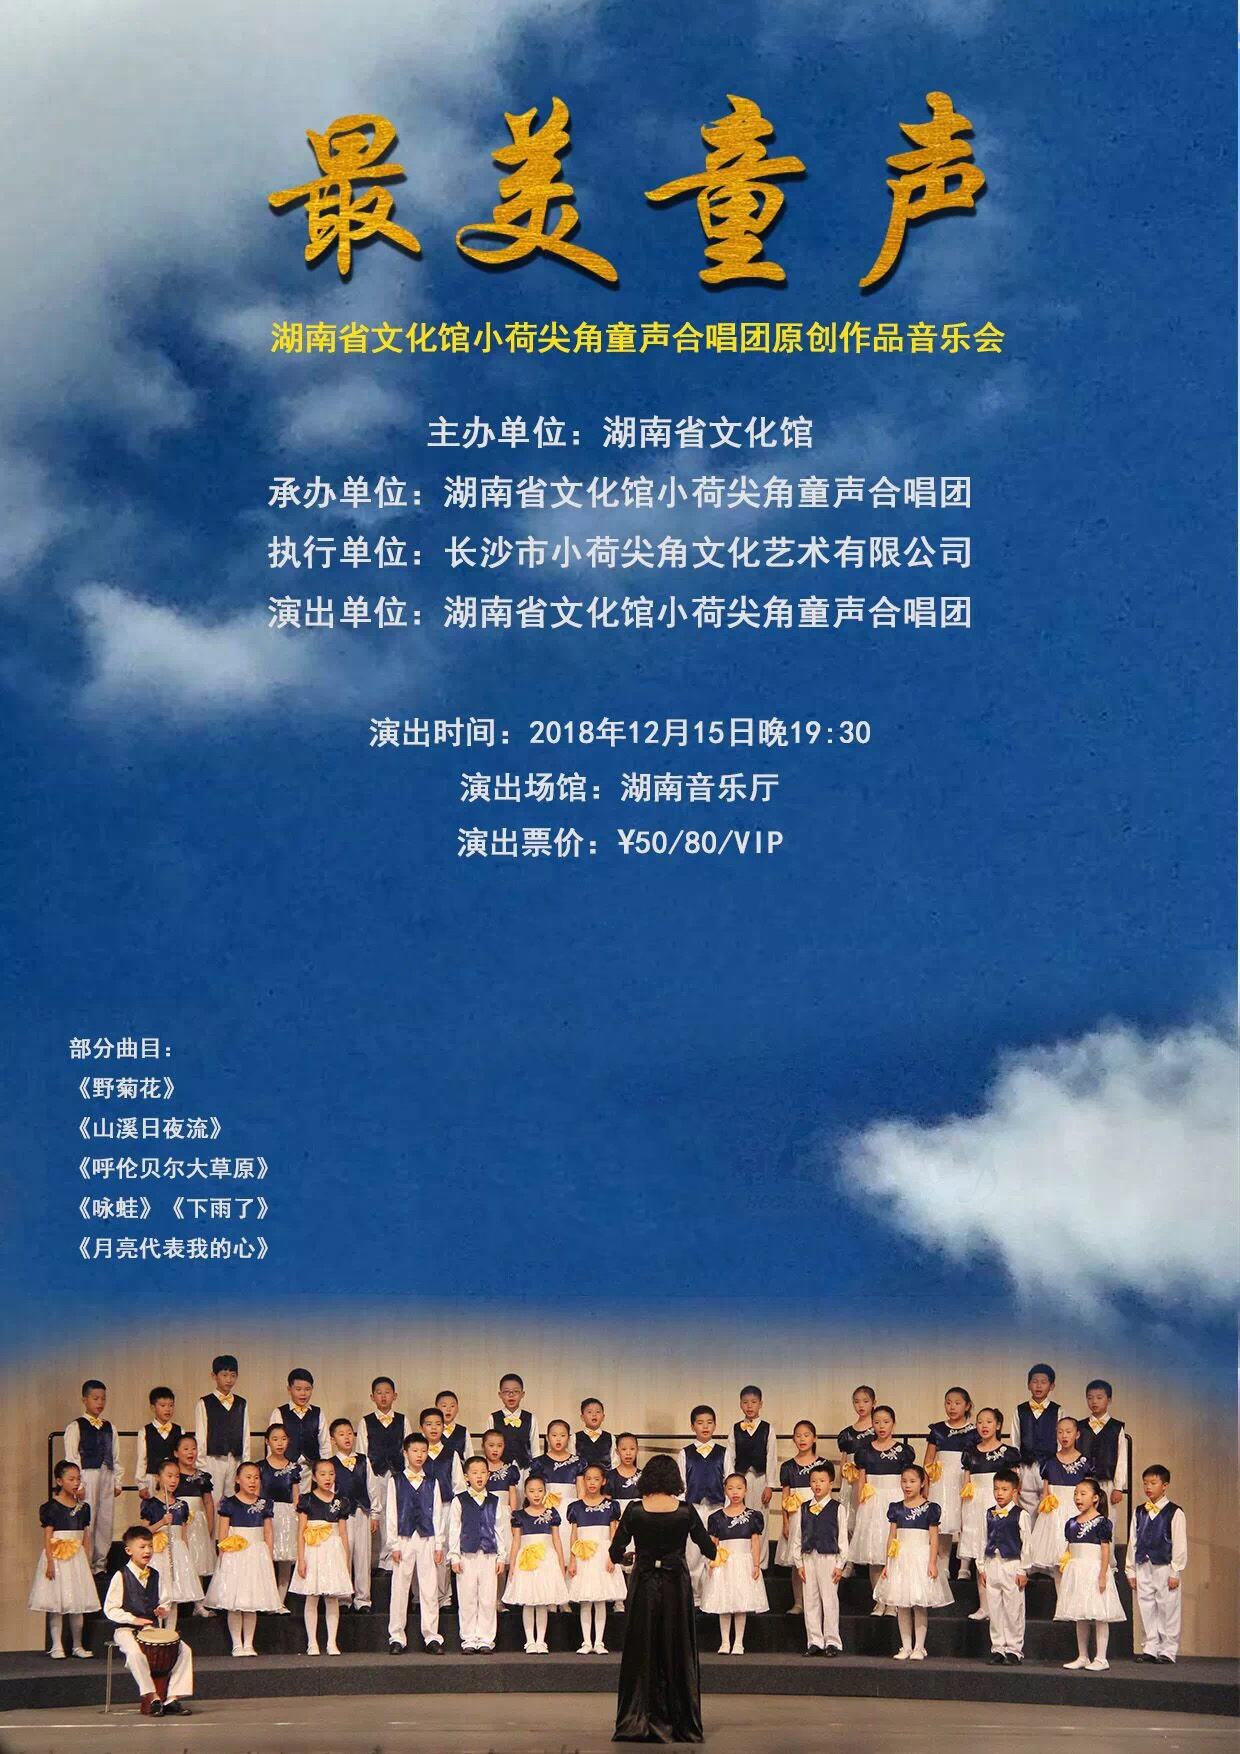 小荷尖角合唱团长沙音乐会